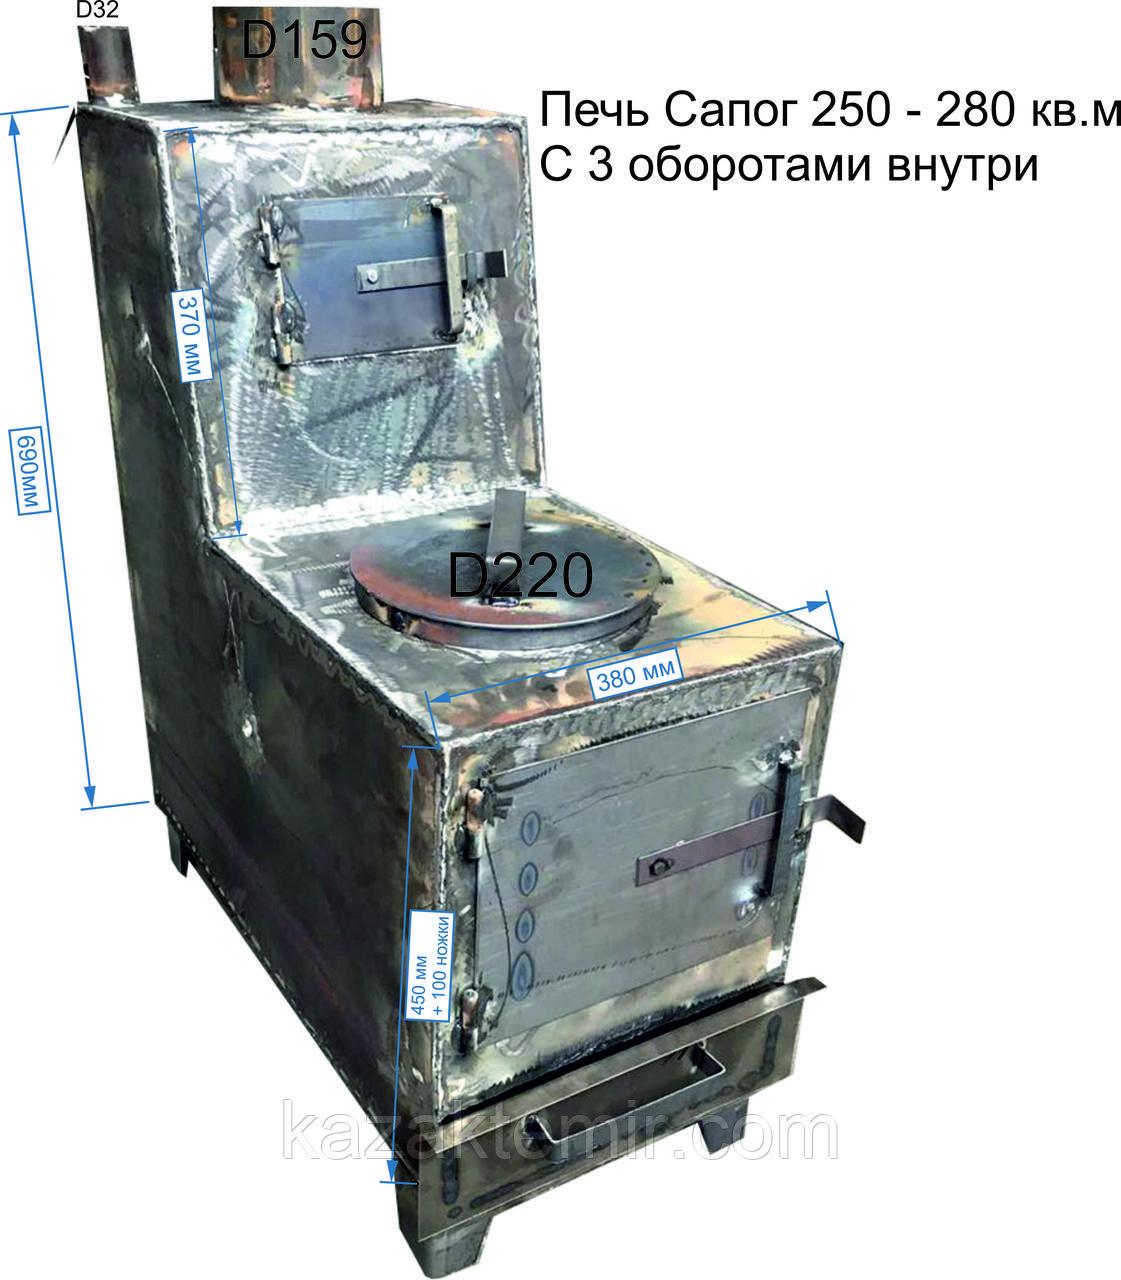 """Печь """"Сапог"""" 250 кв.м с тремя оборотами внутри"""